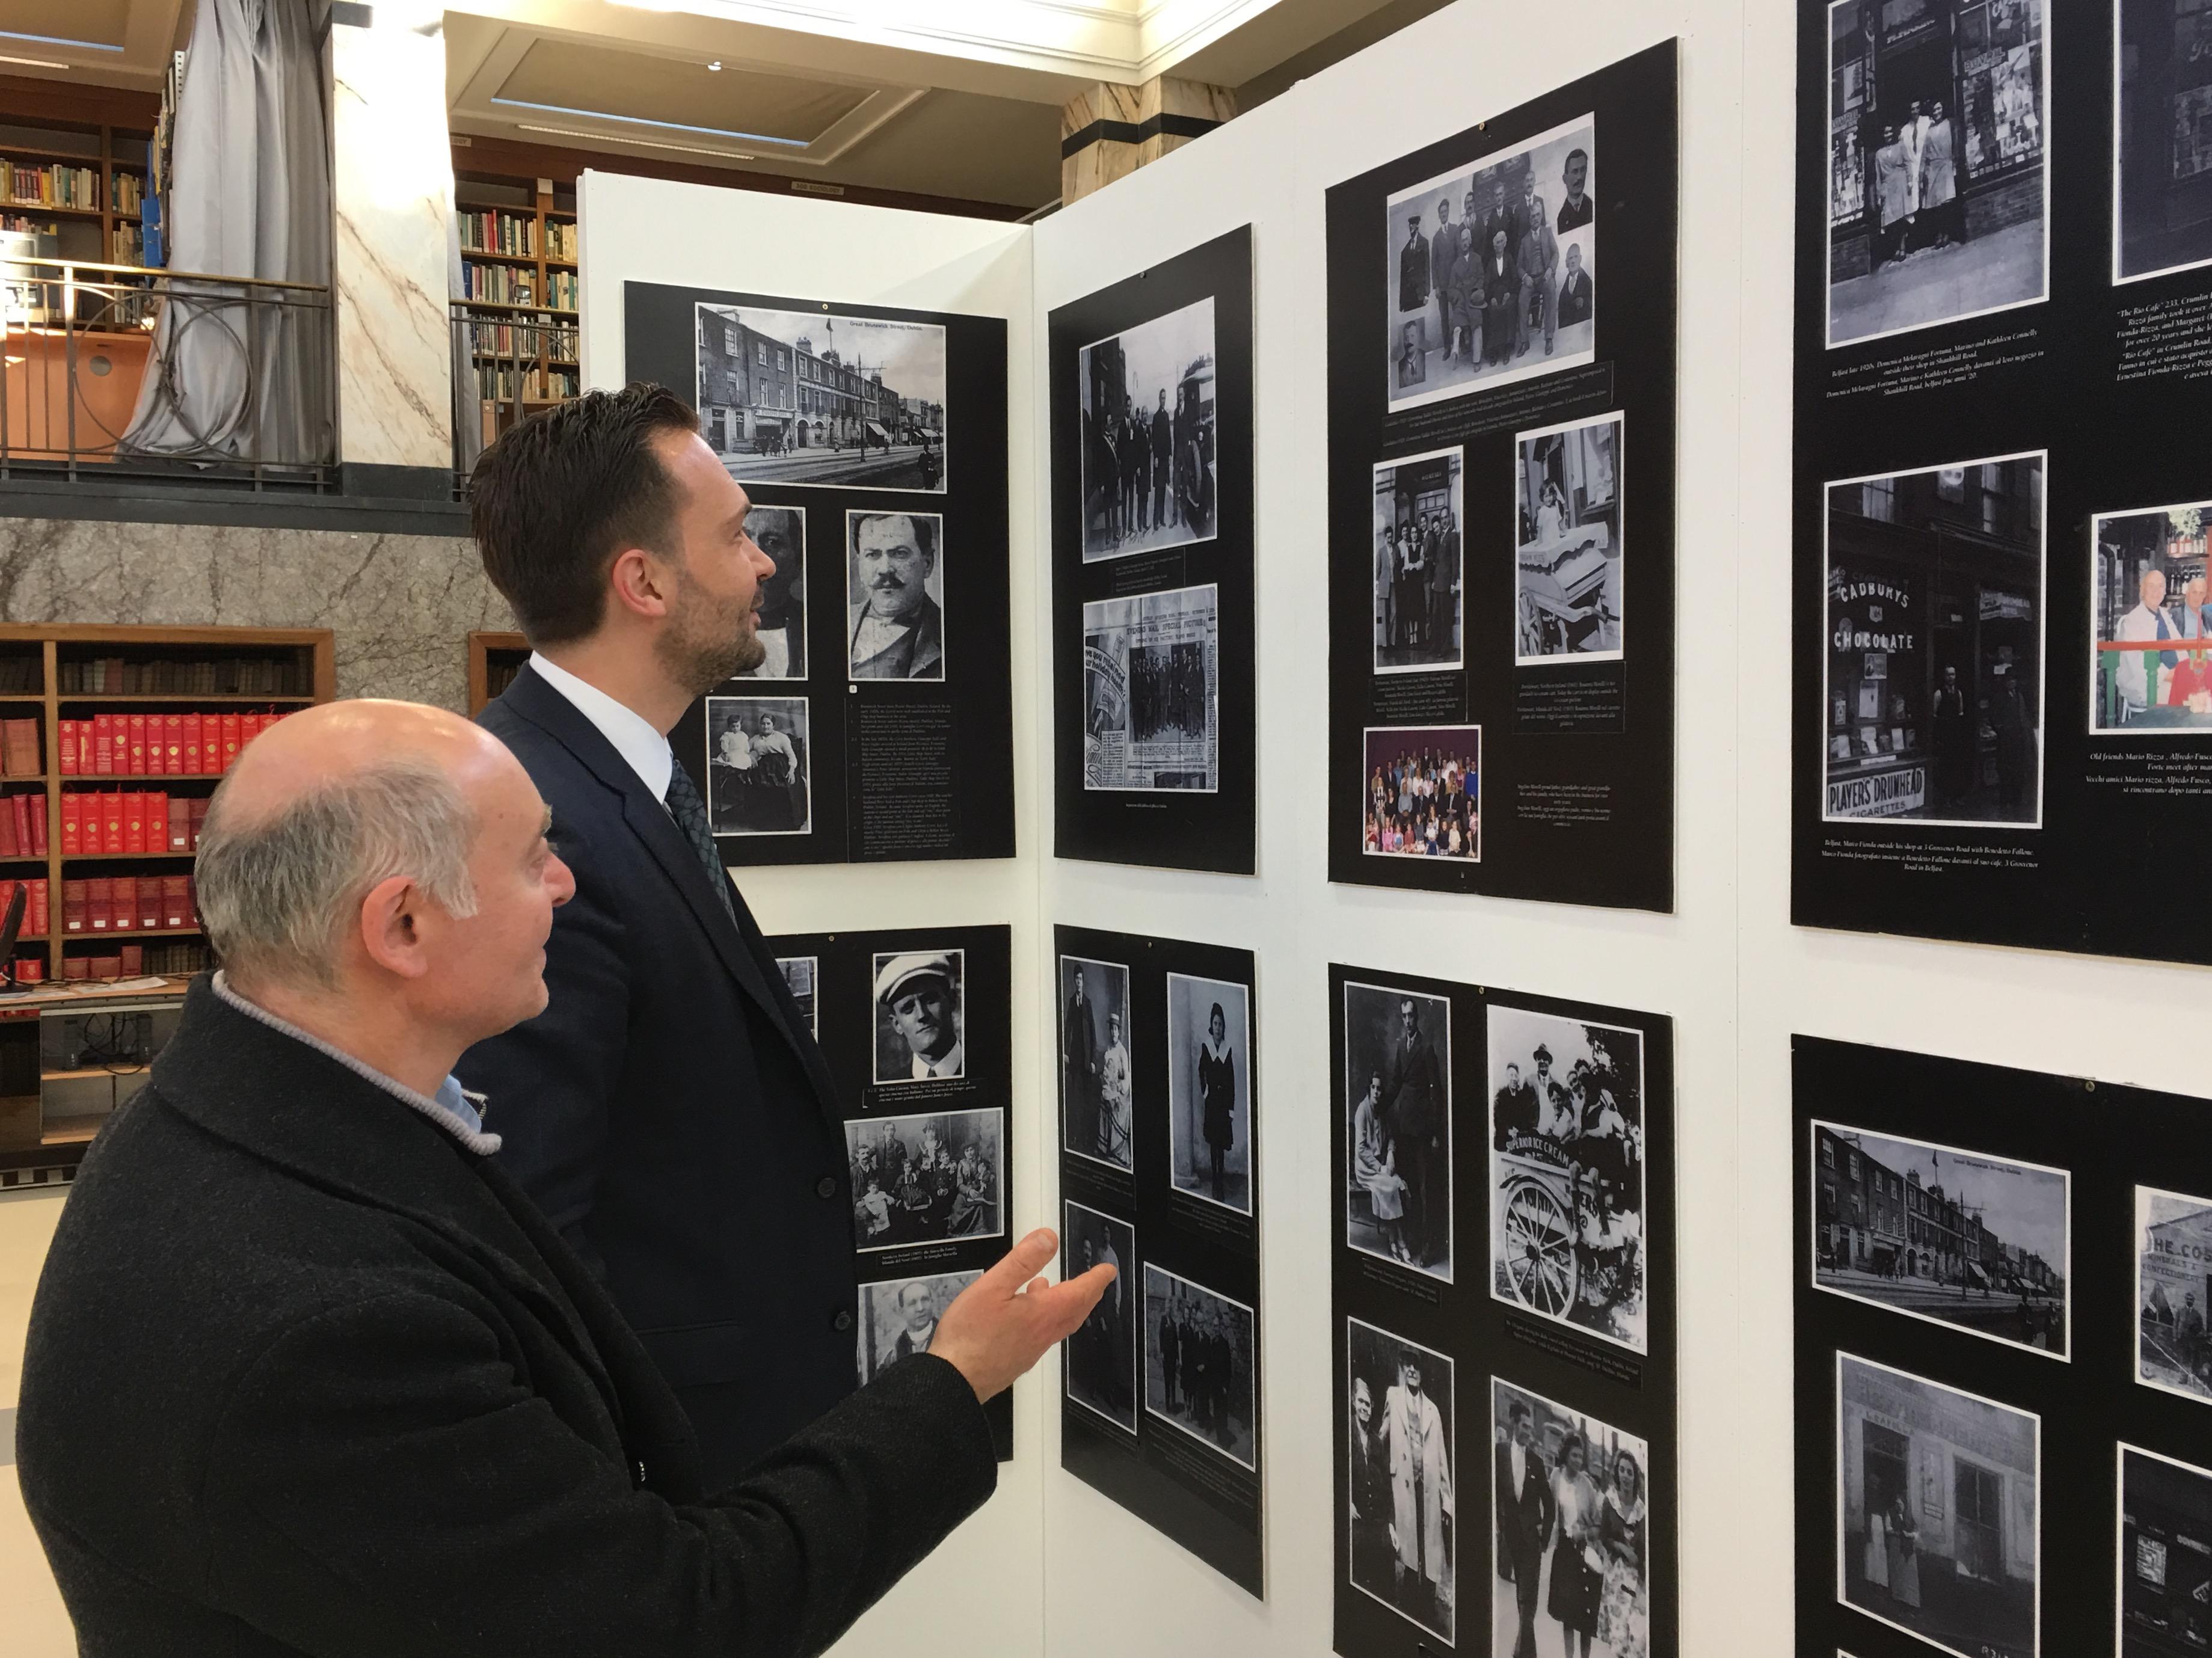 Visita alla mostra sull'emigrazione italiana e incontro con il Comites - Dublino